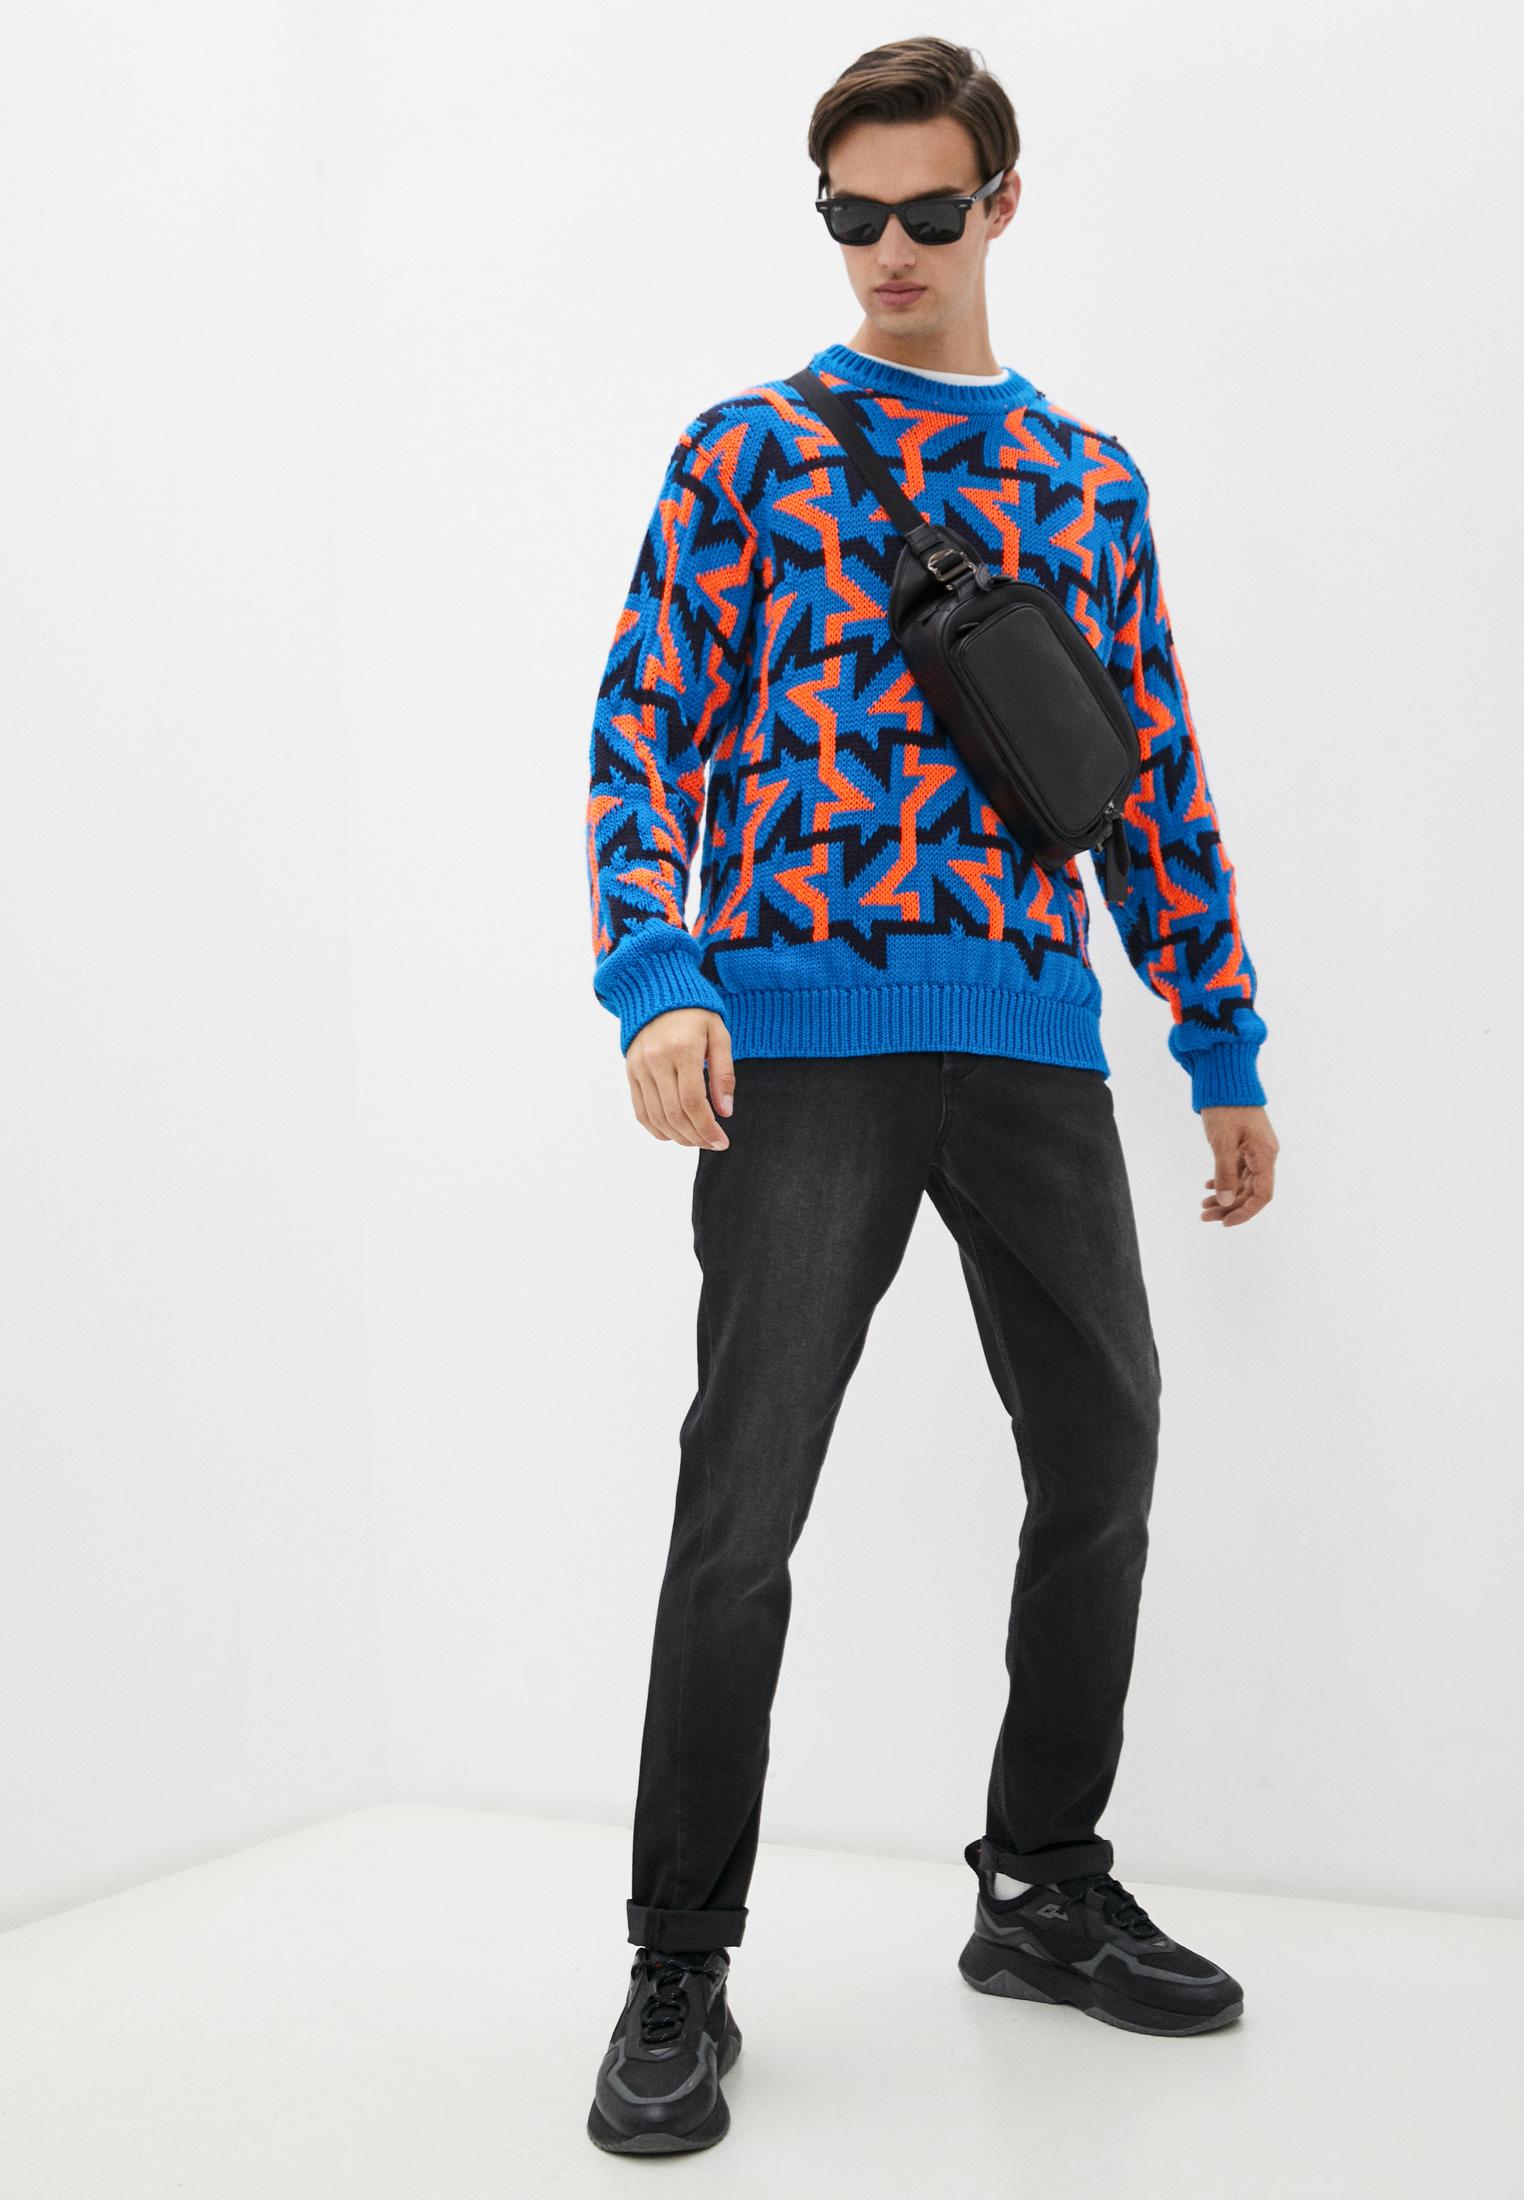 Мужские зауженные джинсы Bikkembergs (Биккембергс) C Q 015 86 S 2927: изображение 3